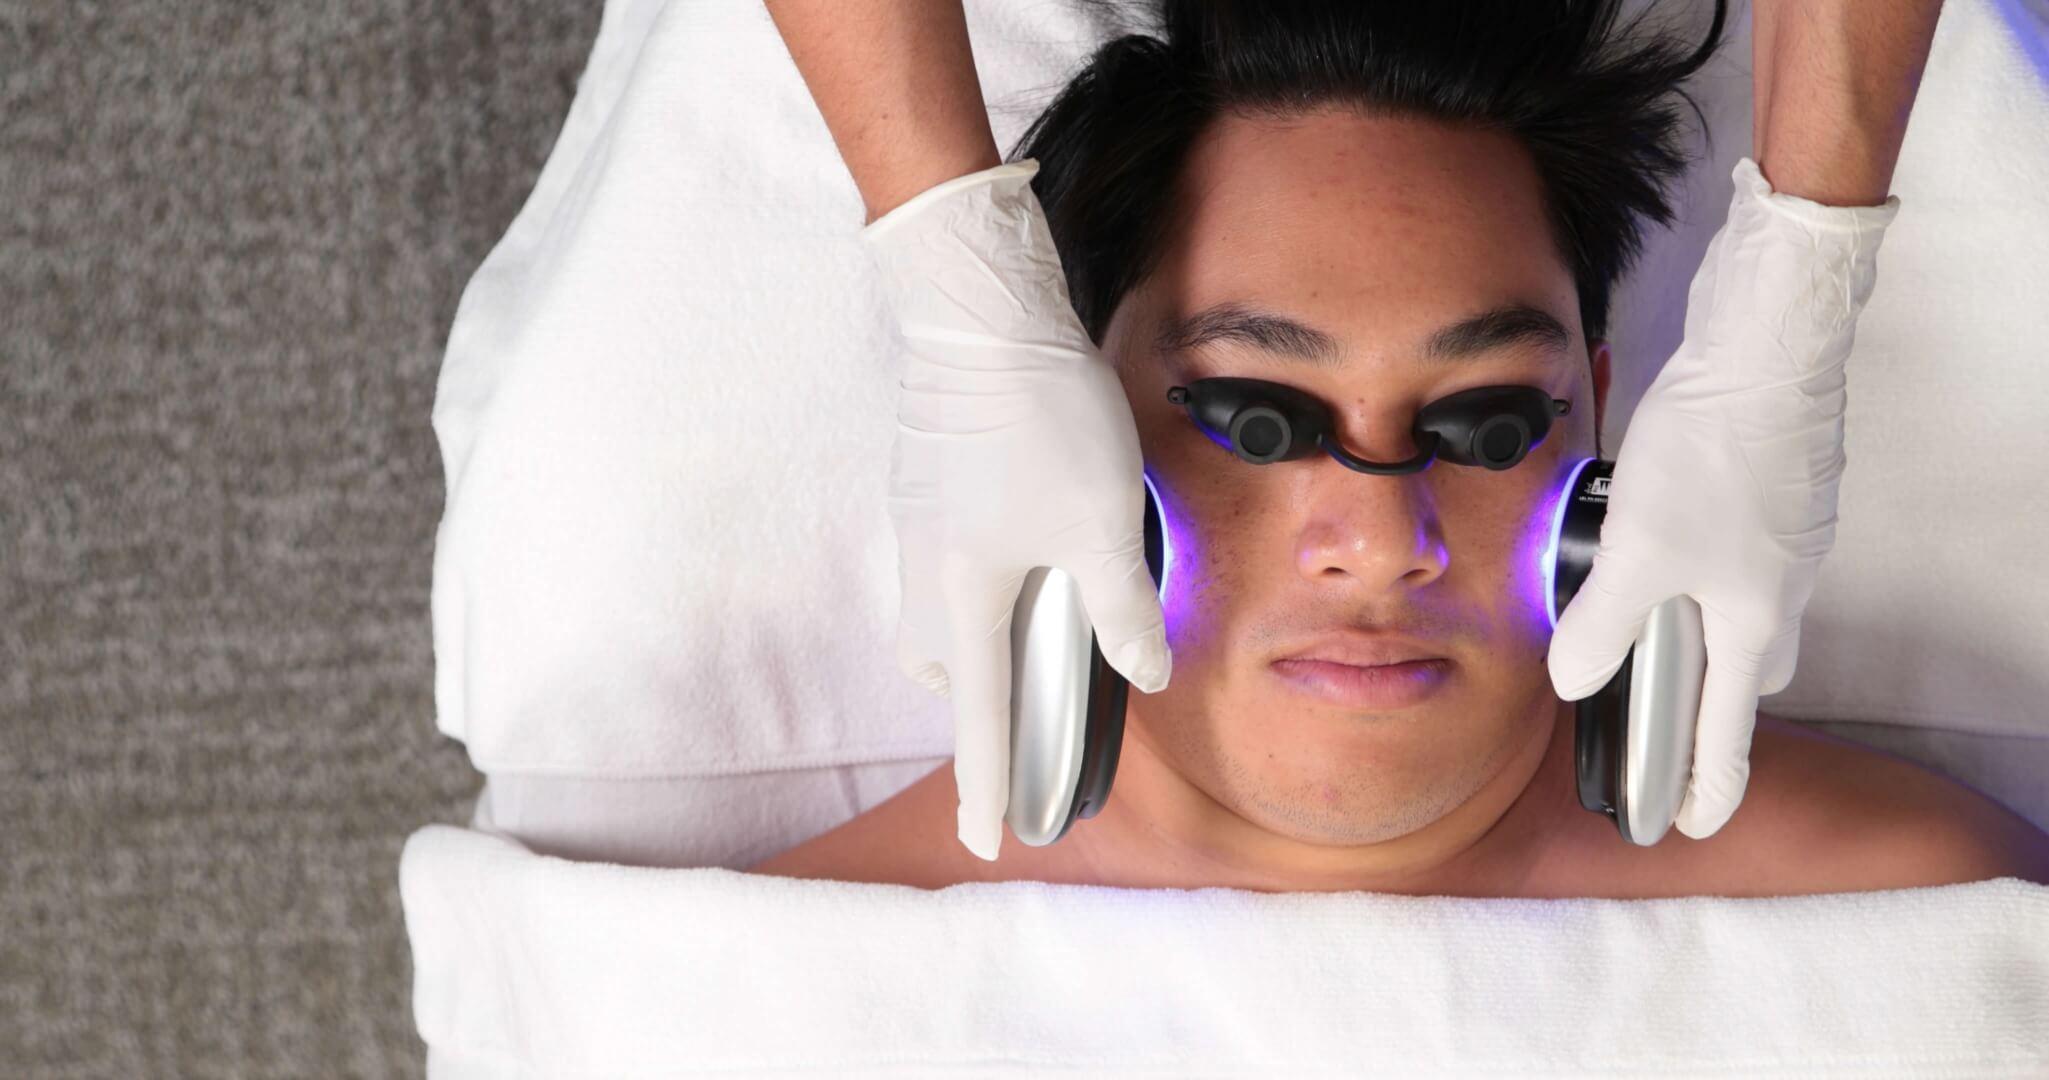 hydrafacial-led-terapia-bulmed